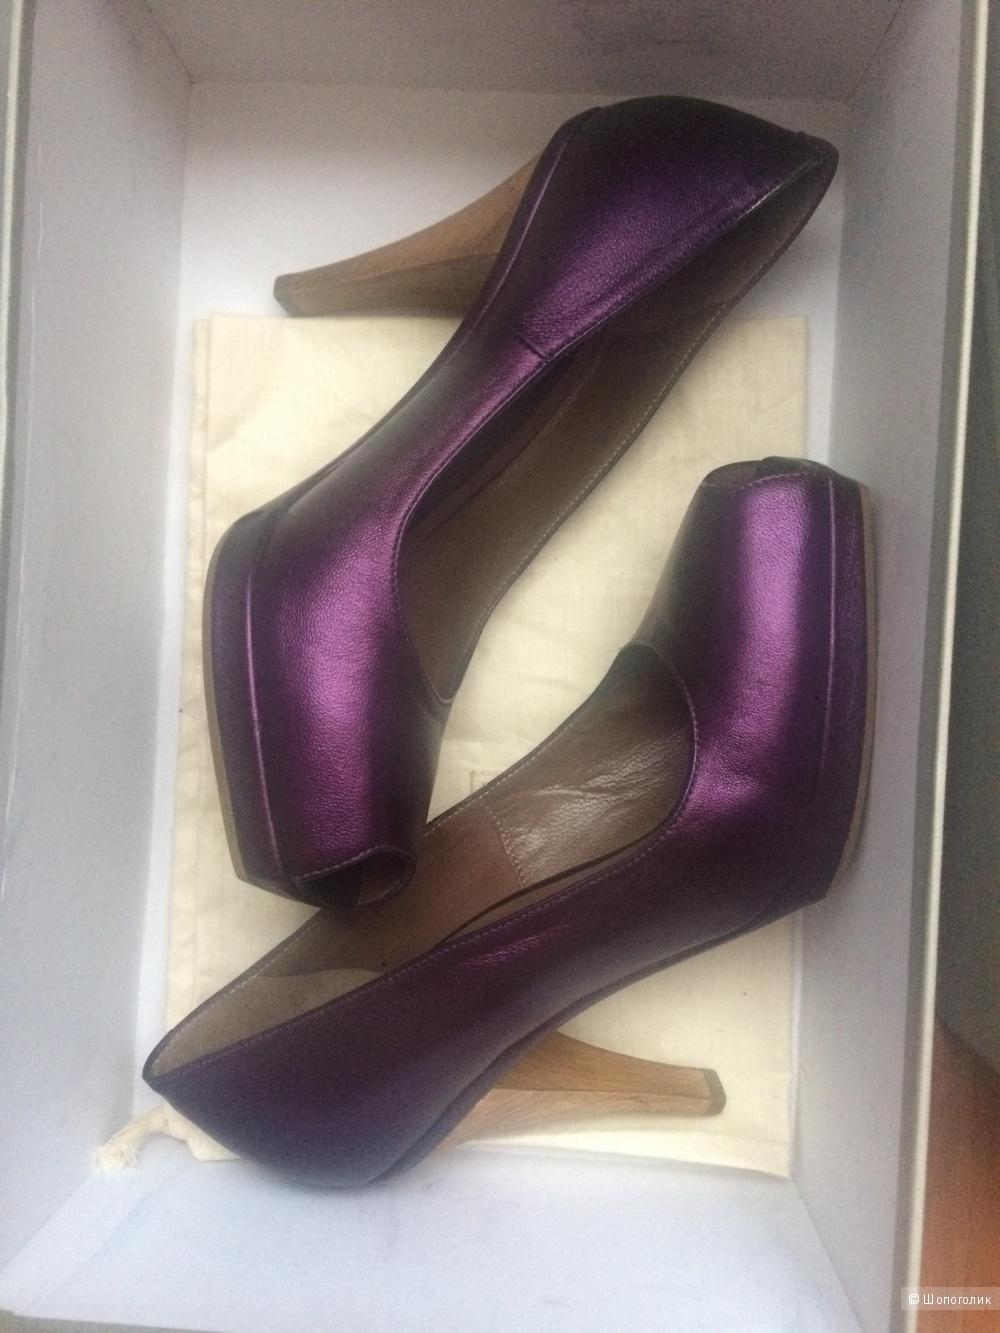 Туфли с открытым носиком Marni 37 размер фиолетовые оригинал б/у